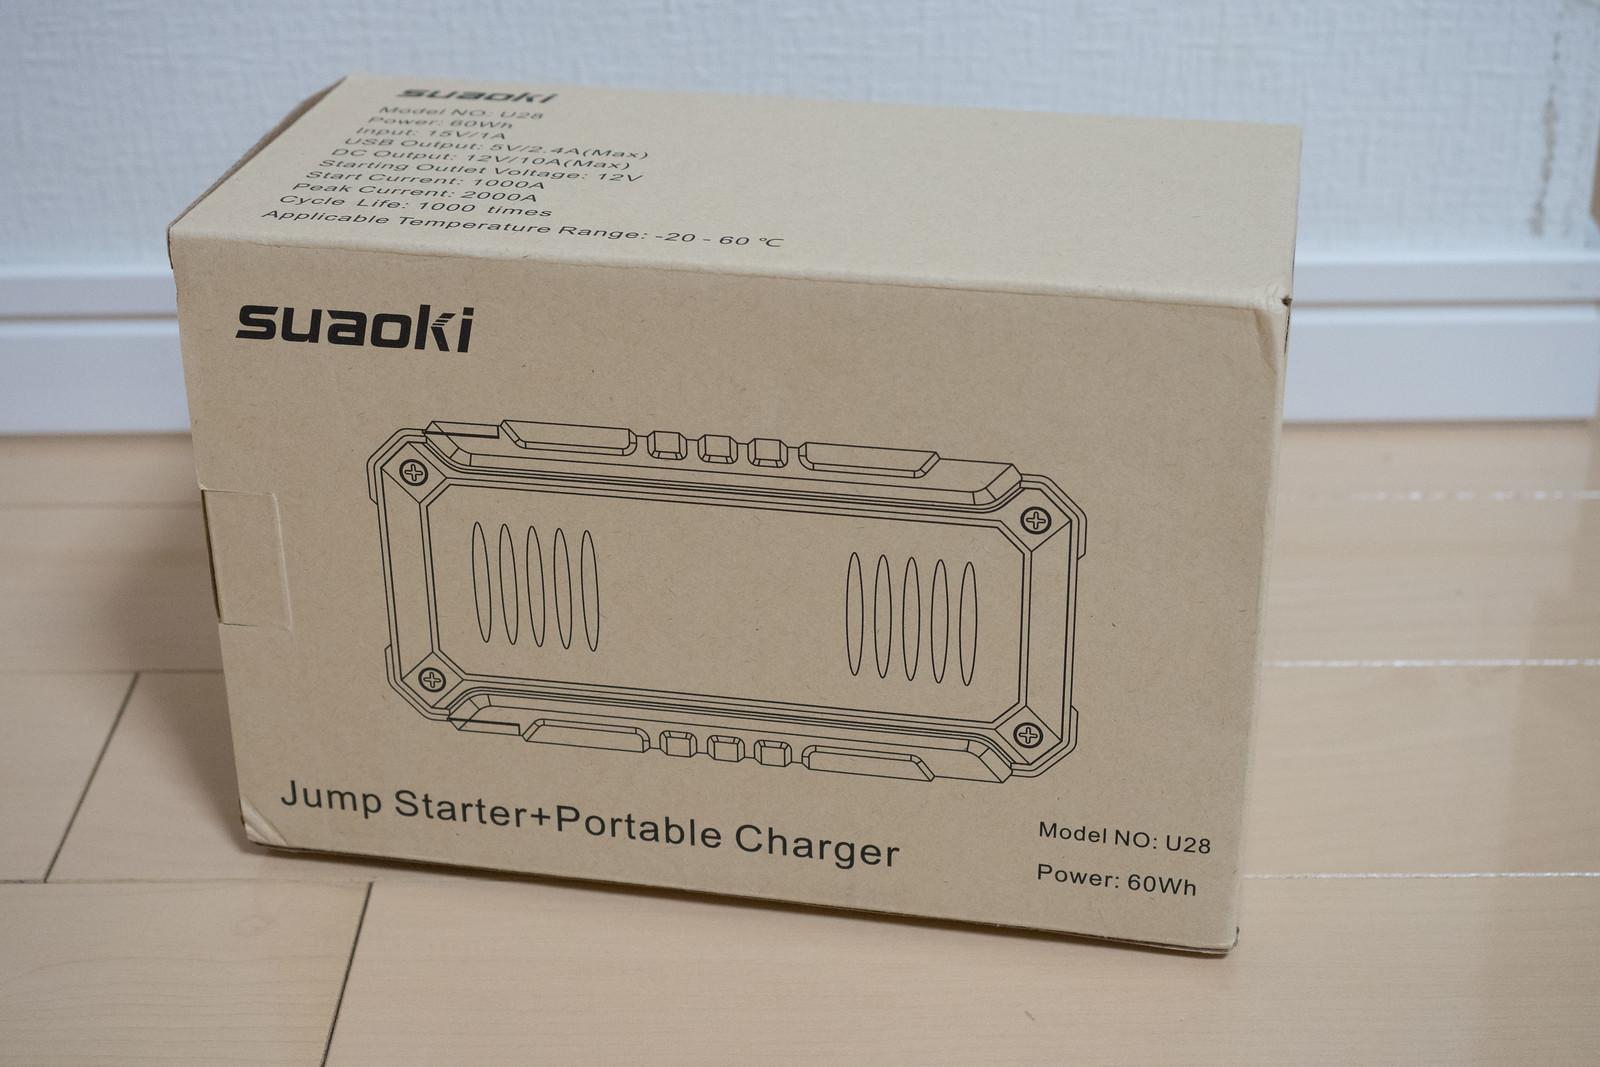 SUAOKI_JUMP_STARTER-1